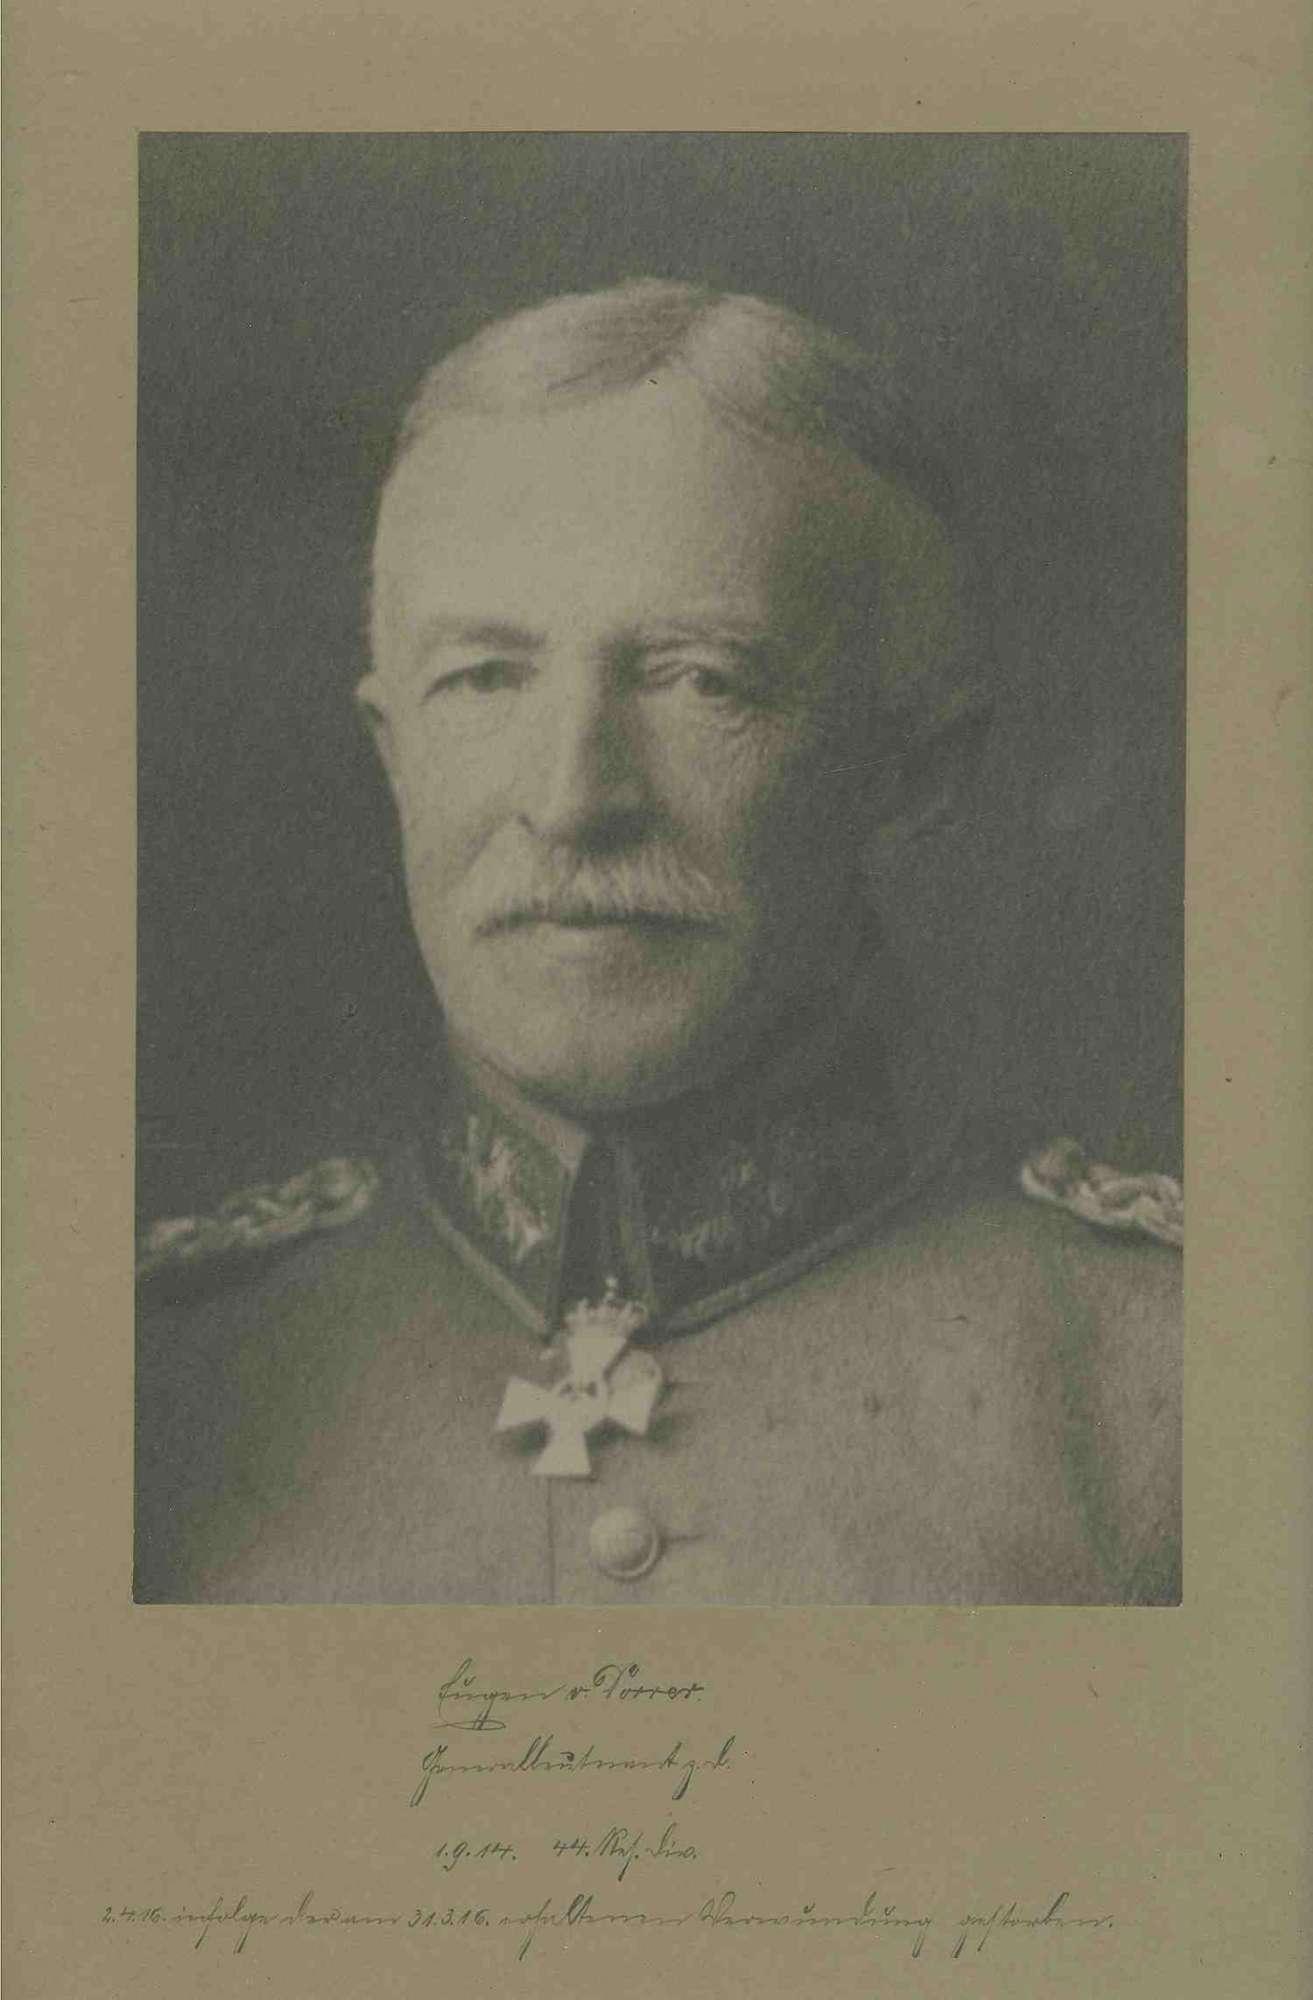 Eugen von Dorrer, Generalleutnant z. D. (zur Disposition), Kommandeur der 44. Res. Division von 1914-1916 in Uniform mit Orden, Brustbild in Halbprofil, Bild 1